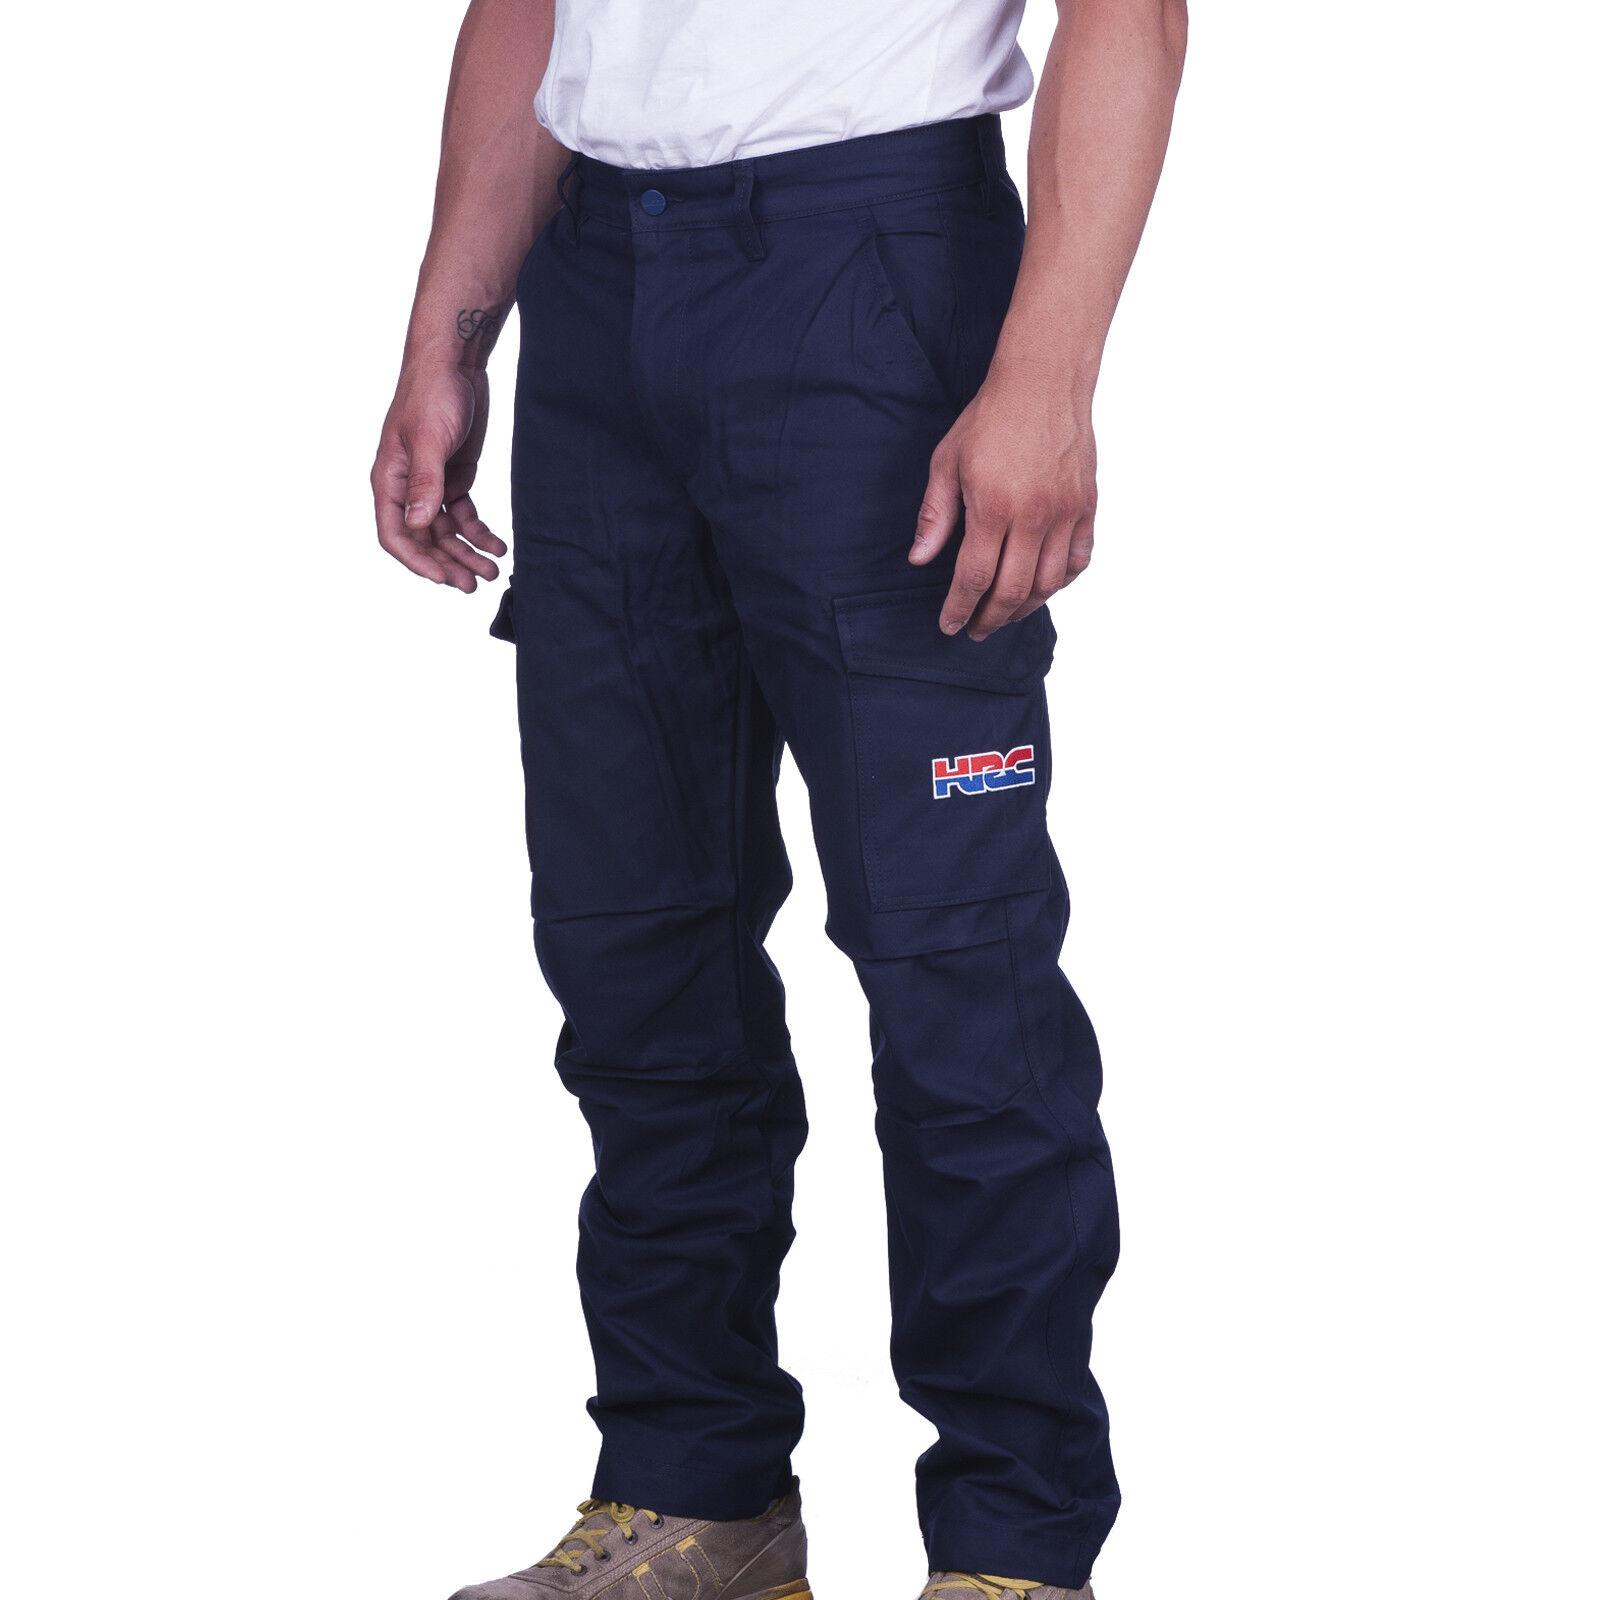 Blu L Col Bright Pantalone In Felpa Aeronautica Militare Tg